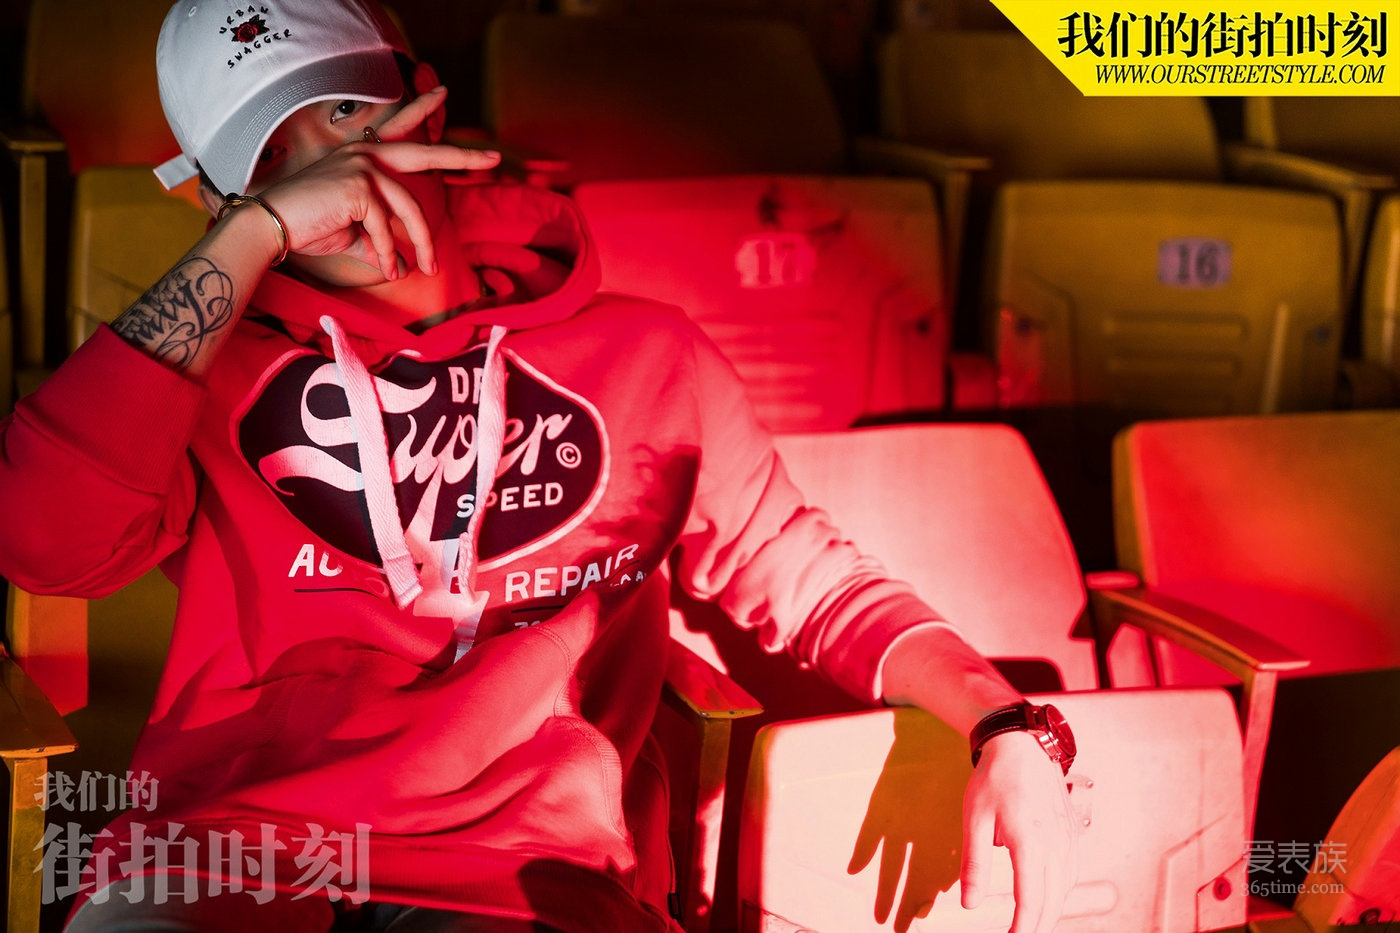 北京时间:心中有嘻哈 腕间配城池